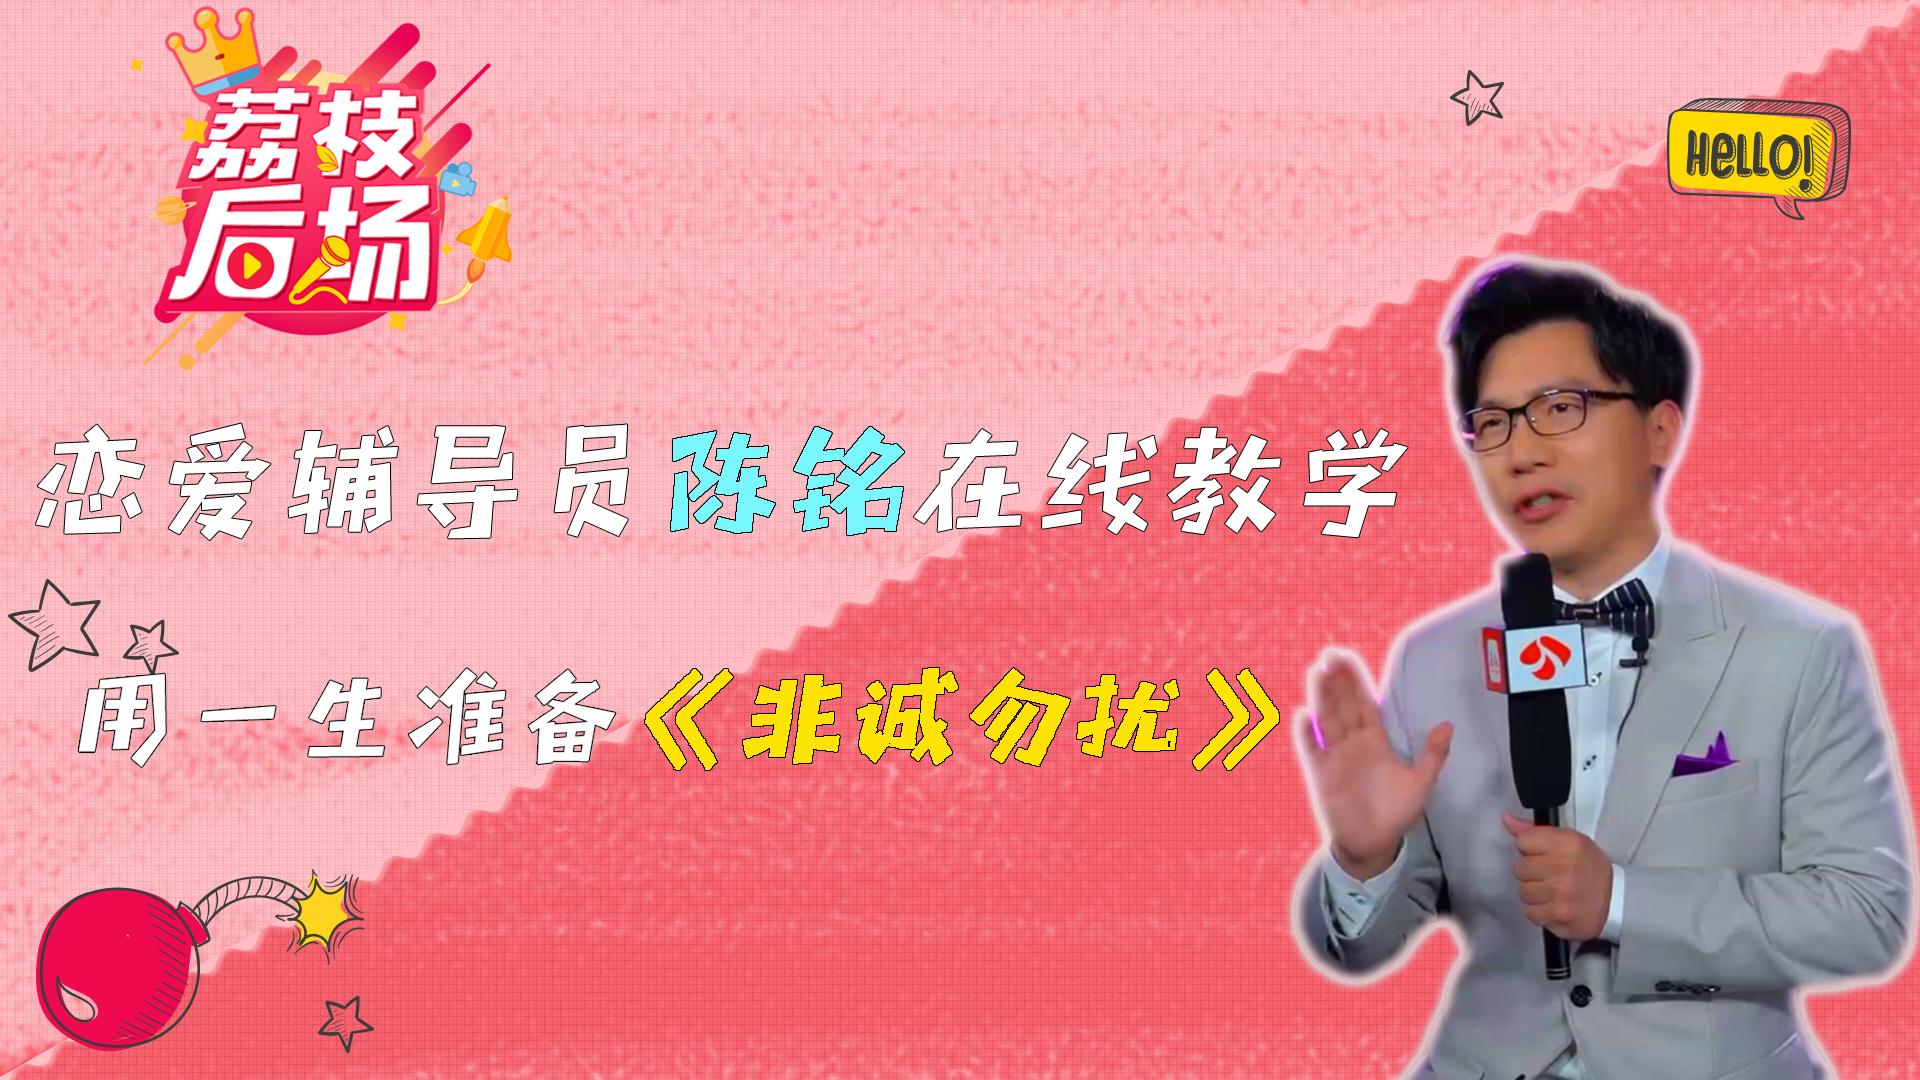 188金宝搏官网后场|恋爱辅导员陈铭在线教学 用一生准备《非诚勿扰》!